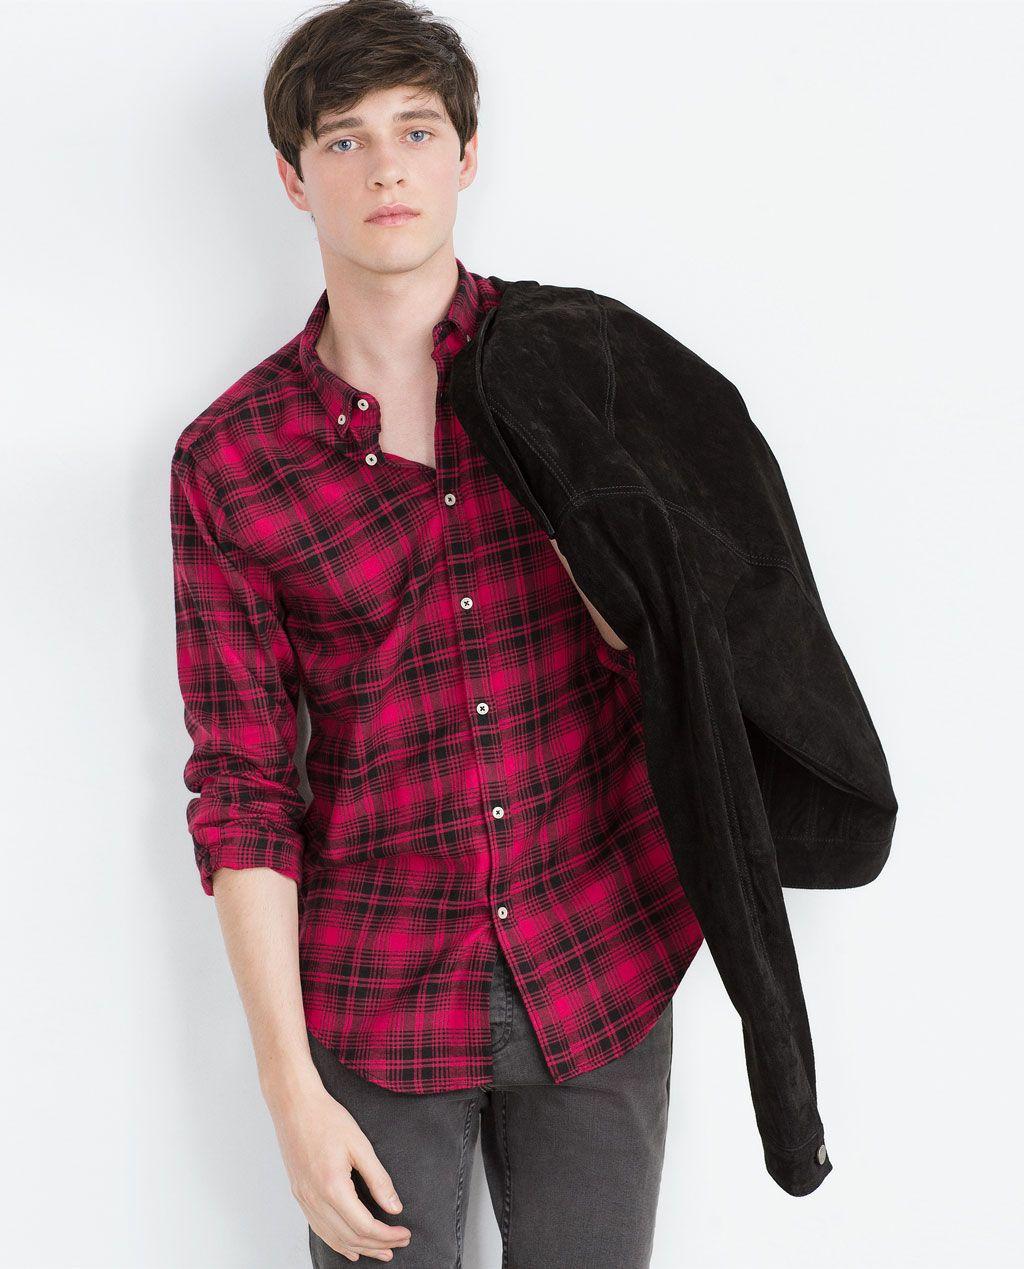 Zara flannel shirt mens  FLANNEL SHIRT  Zara  Pinterest  Men shirts